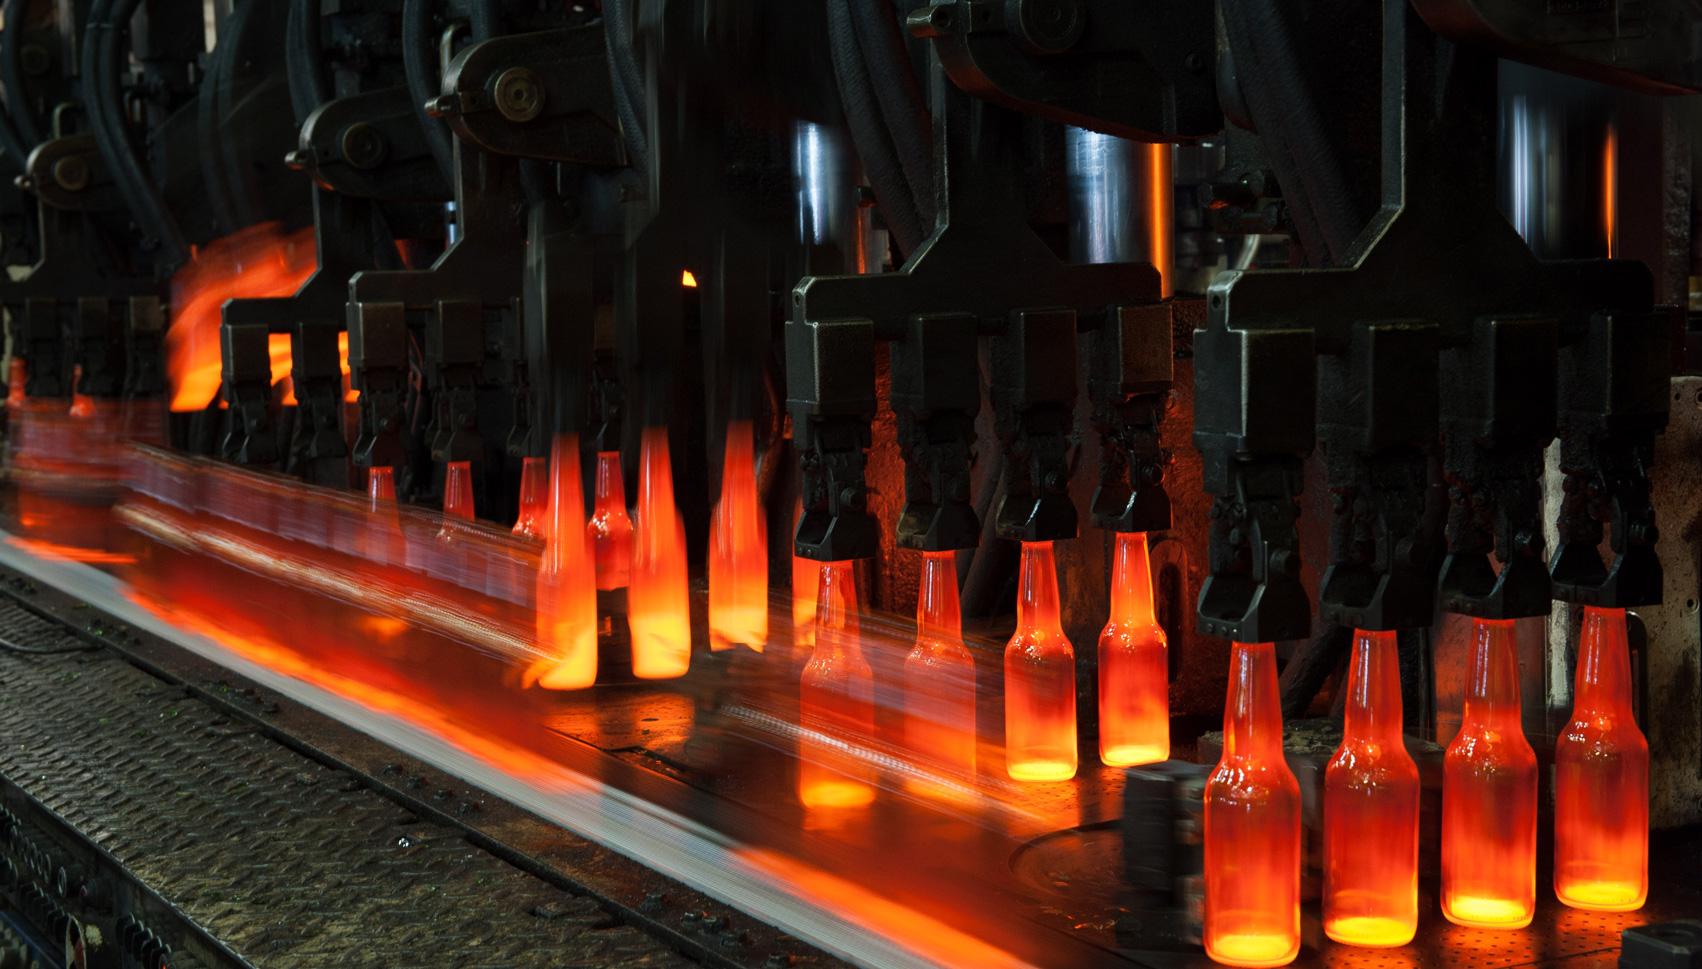 Historia del vidrio anfevi - Fabricantes de cristal ...